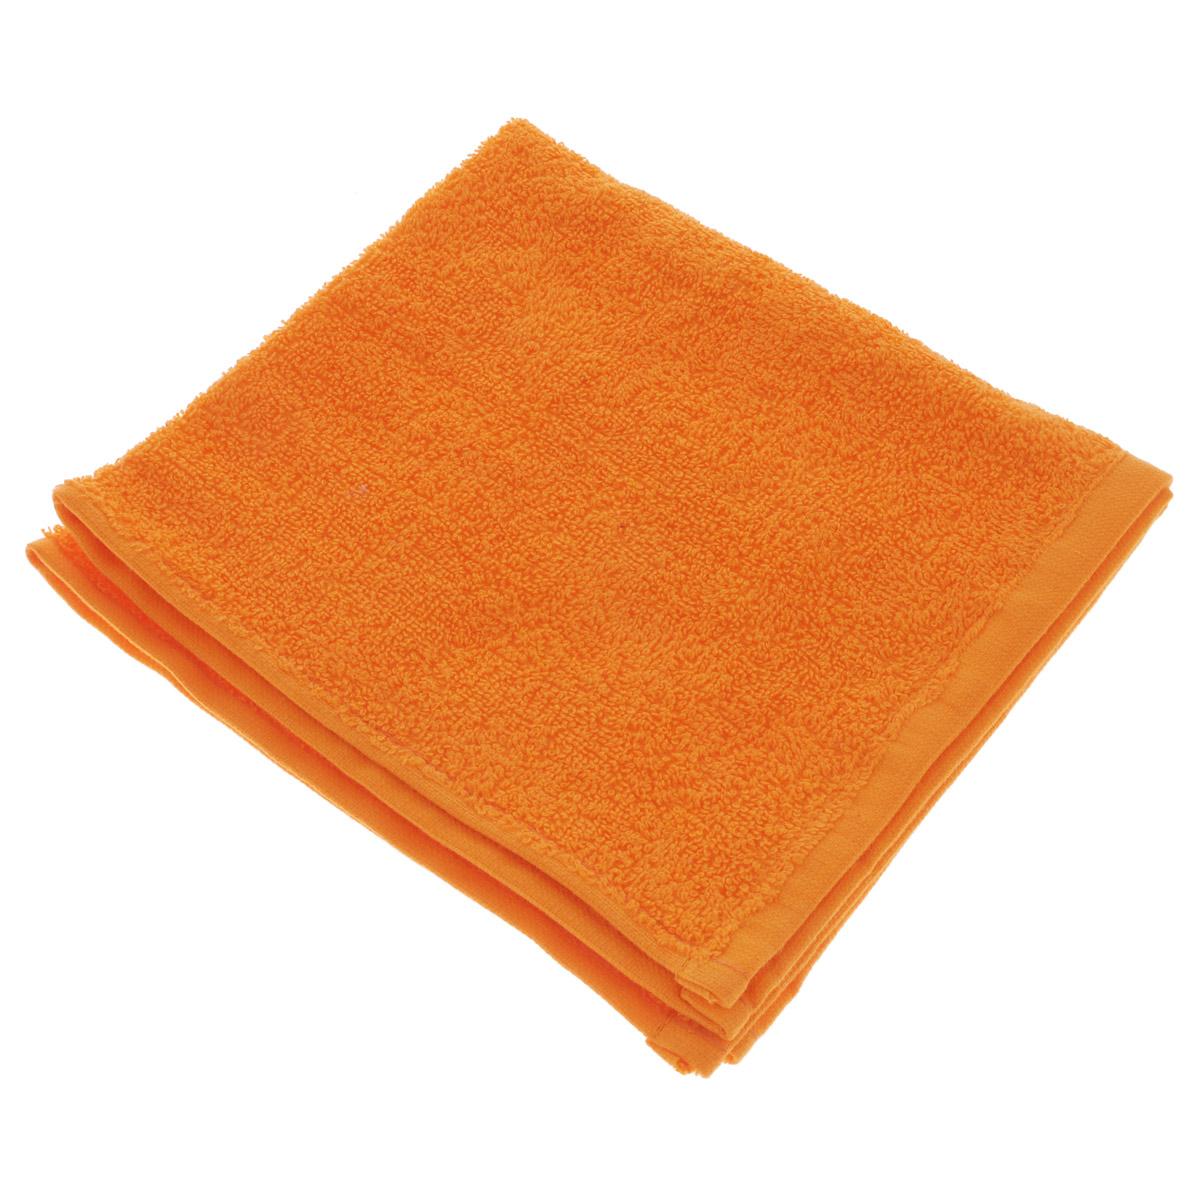 Полотенце махровое Osborn Textile, цвет: оранжевый, 40 х 40 смУзТ-МПБ-005-08-27В состав полотенца Osborn Textile входит только натуральное волокно - хлопок. Такое полотенце будет незаменимо в вашем быту. Оно создаст прекрасное настроение не только в ванной комнате, но и в кухне. Изделие прекрасно впитывает влагу и быстро сохнет. При соблюдении рекомендаций по уходу не линяет и не теряет форму даже после многократных стирок. Плотность: 400 г/м2.